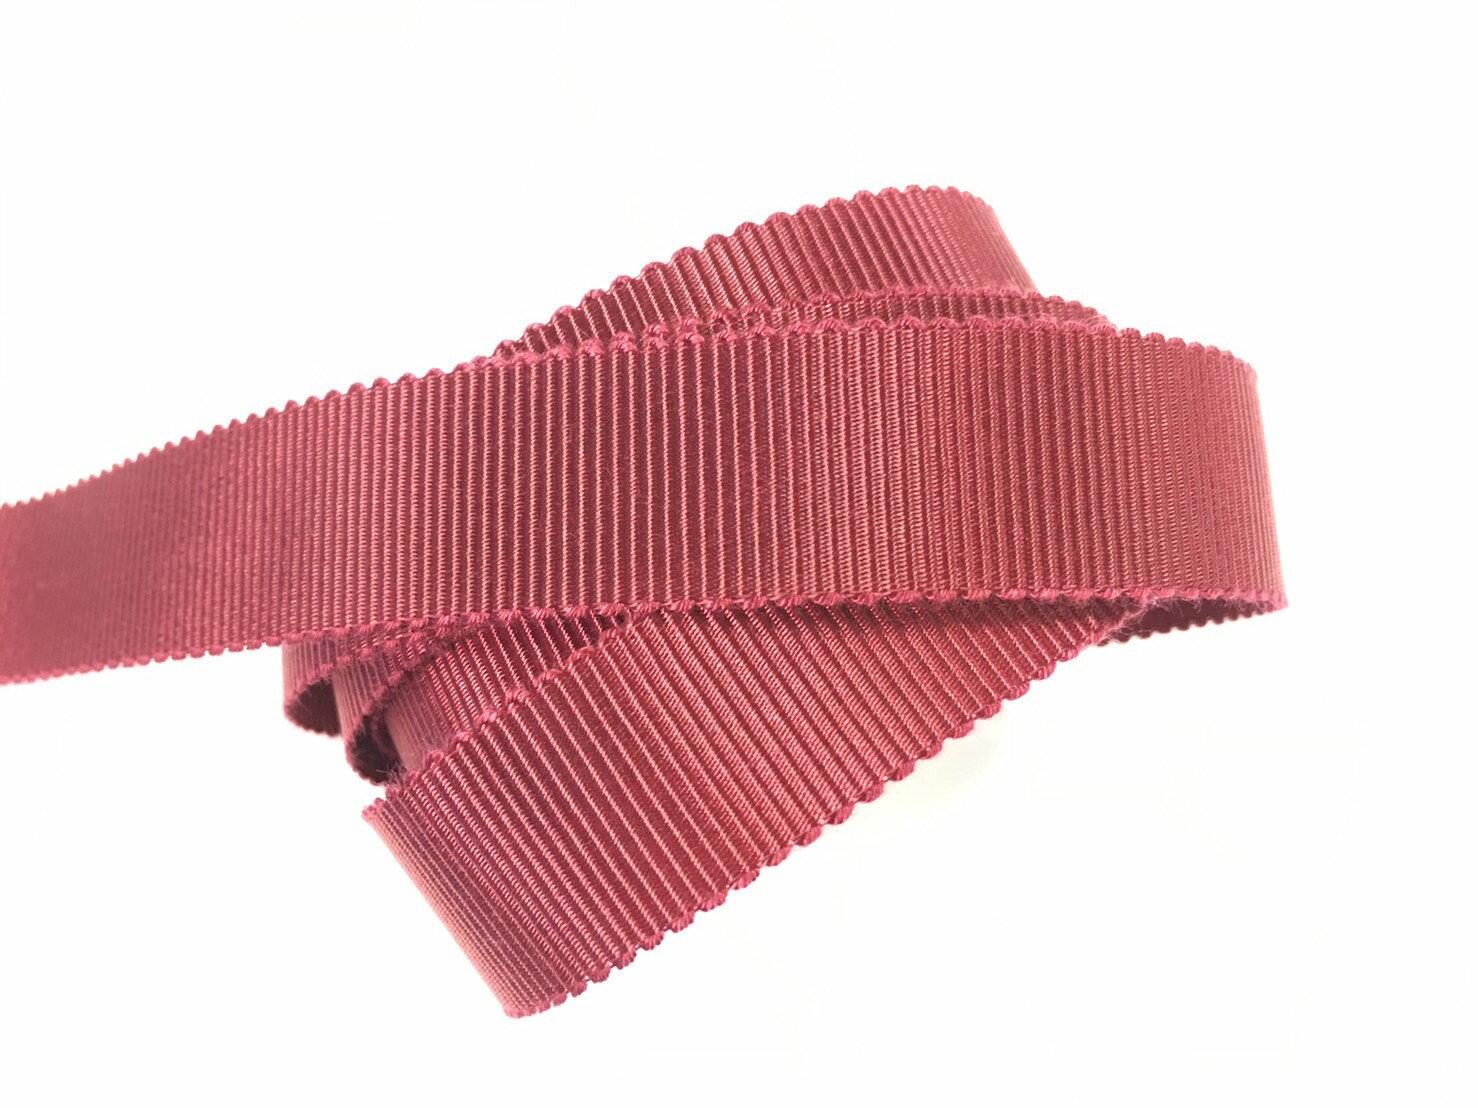 迴紋帶 羅紋緞帶 10mm 3碼 (22色) 日本製造台灣包裝 2